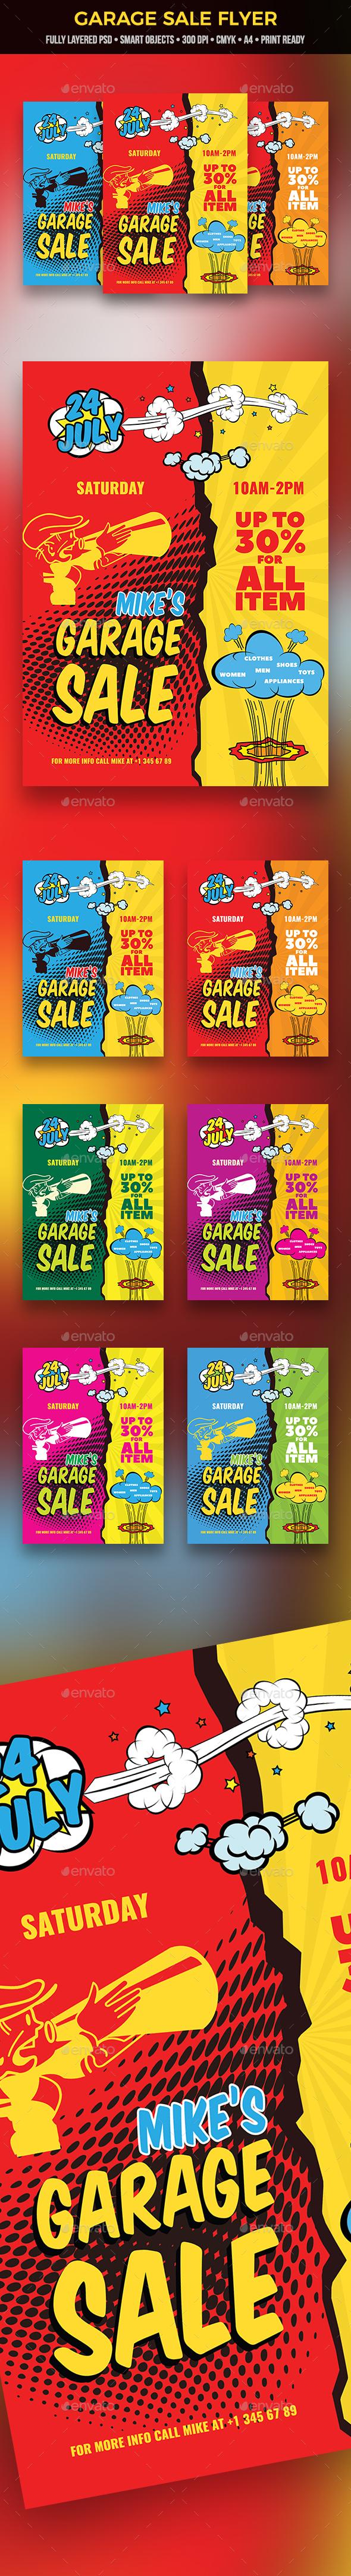 Garage Sale Flyer - Miscellaneous Events